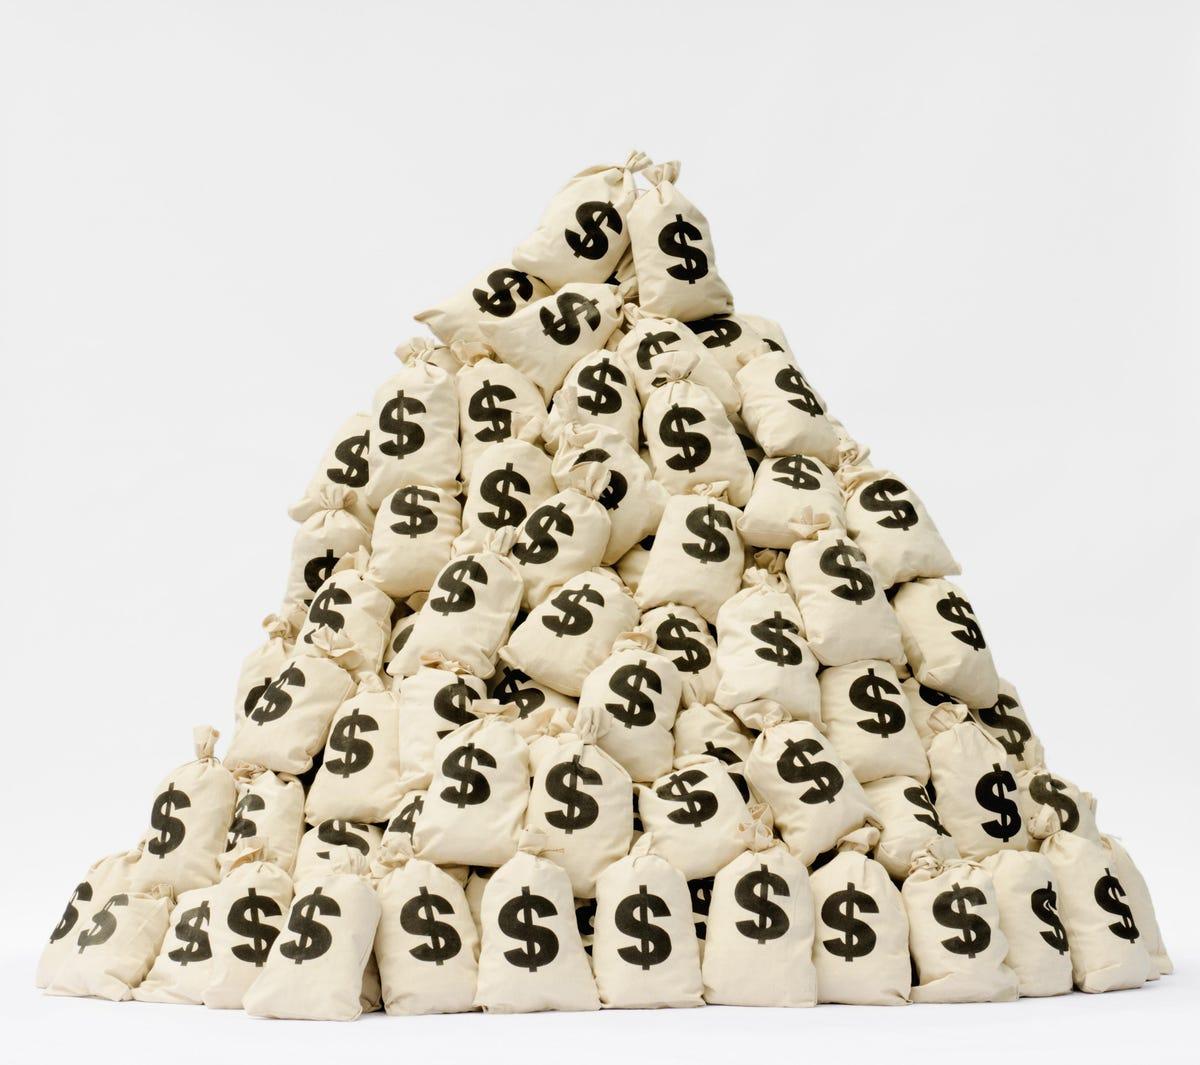 Bitcoin Slides Toward $30,000   New Crypto Funding Record